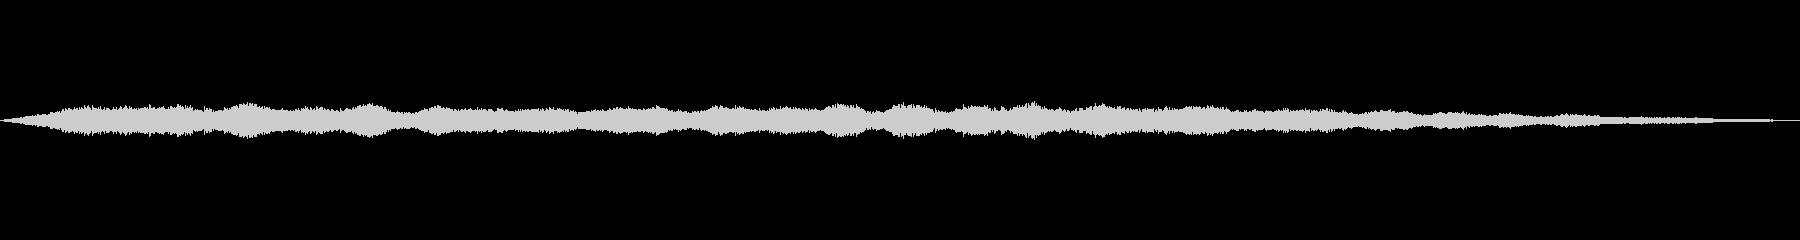 ランダムホールドエフェクトV.2ス...の未再生の波形